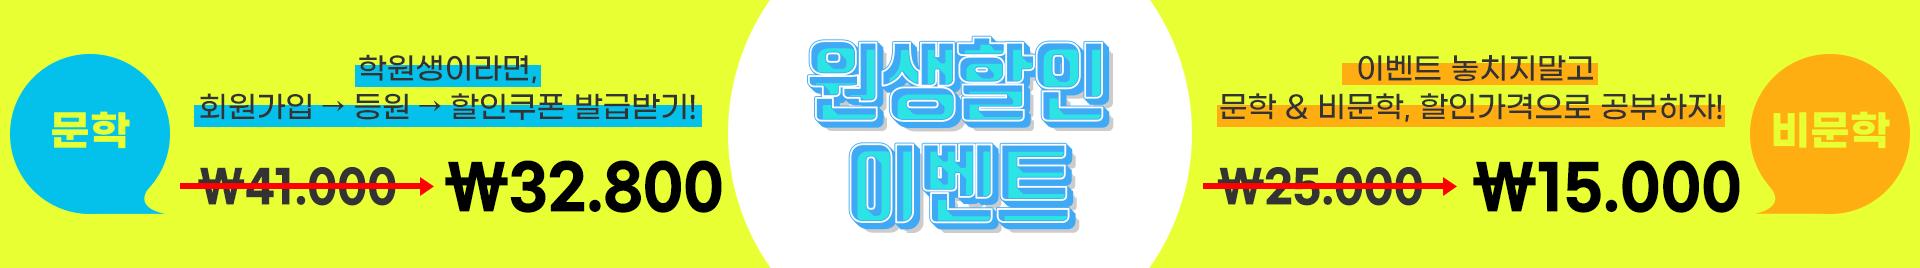 달봉국어-메인-원생할인이벤트-배너